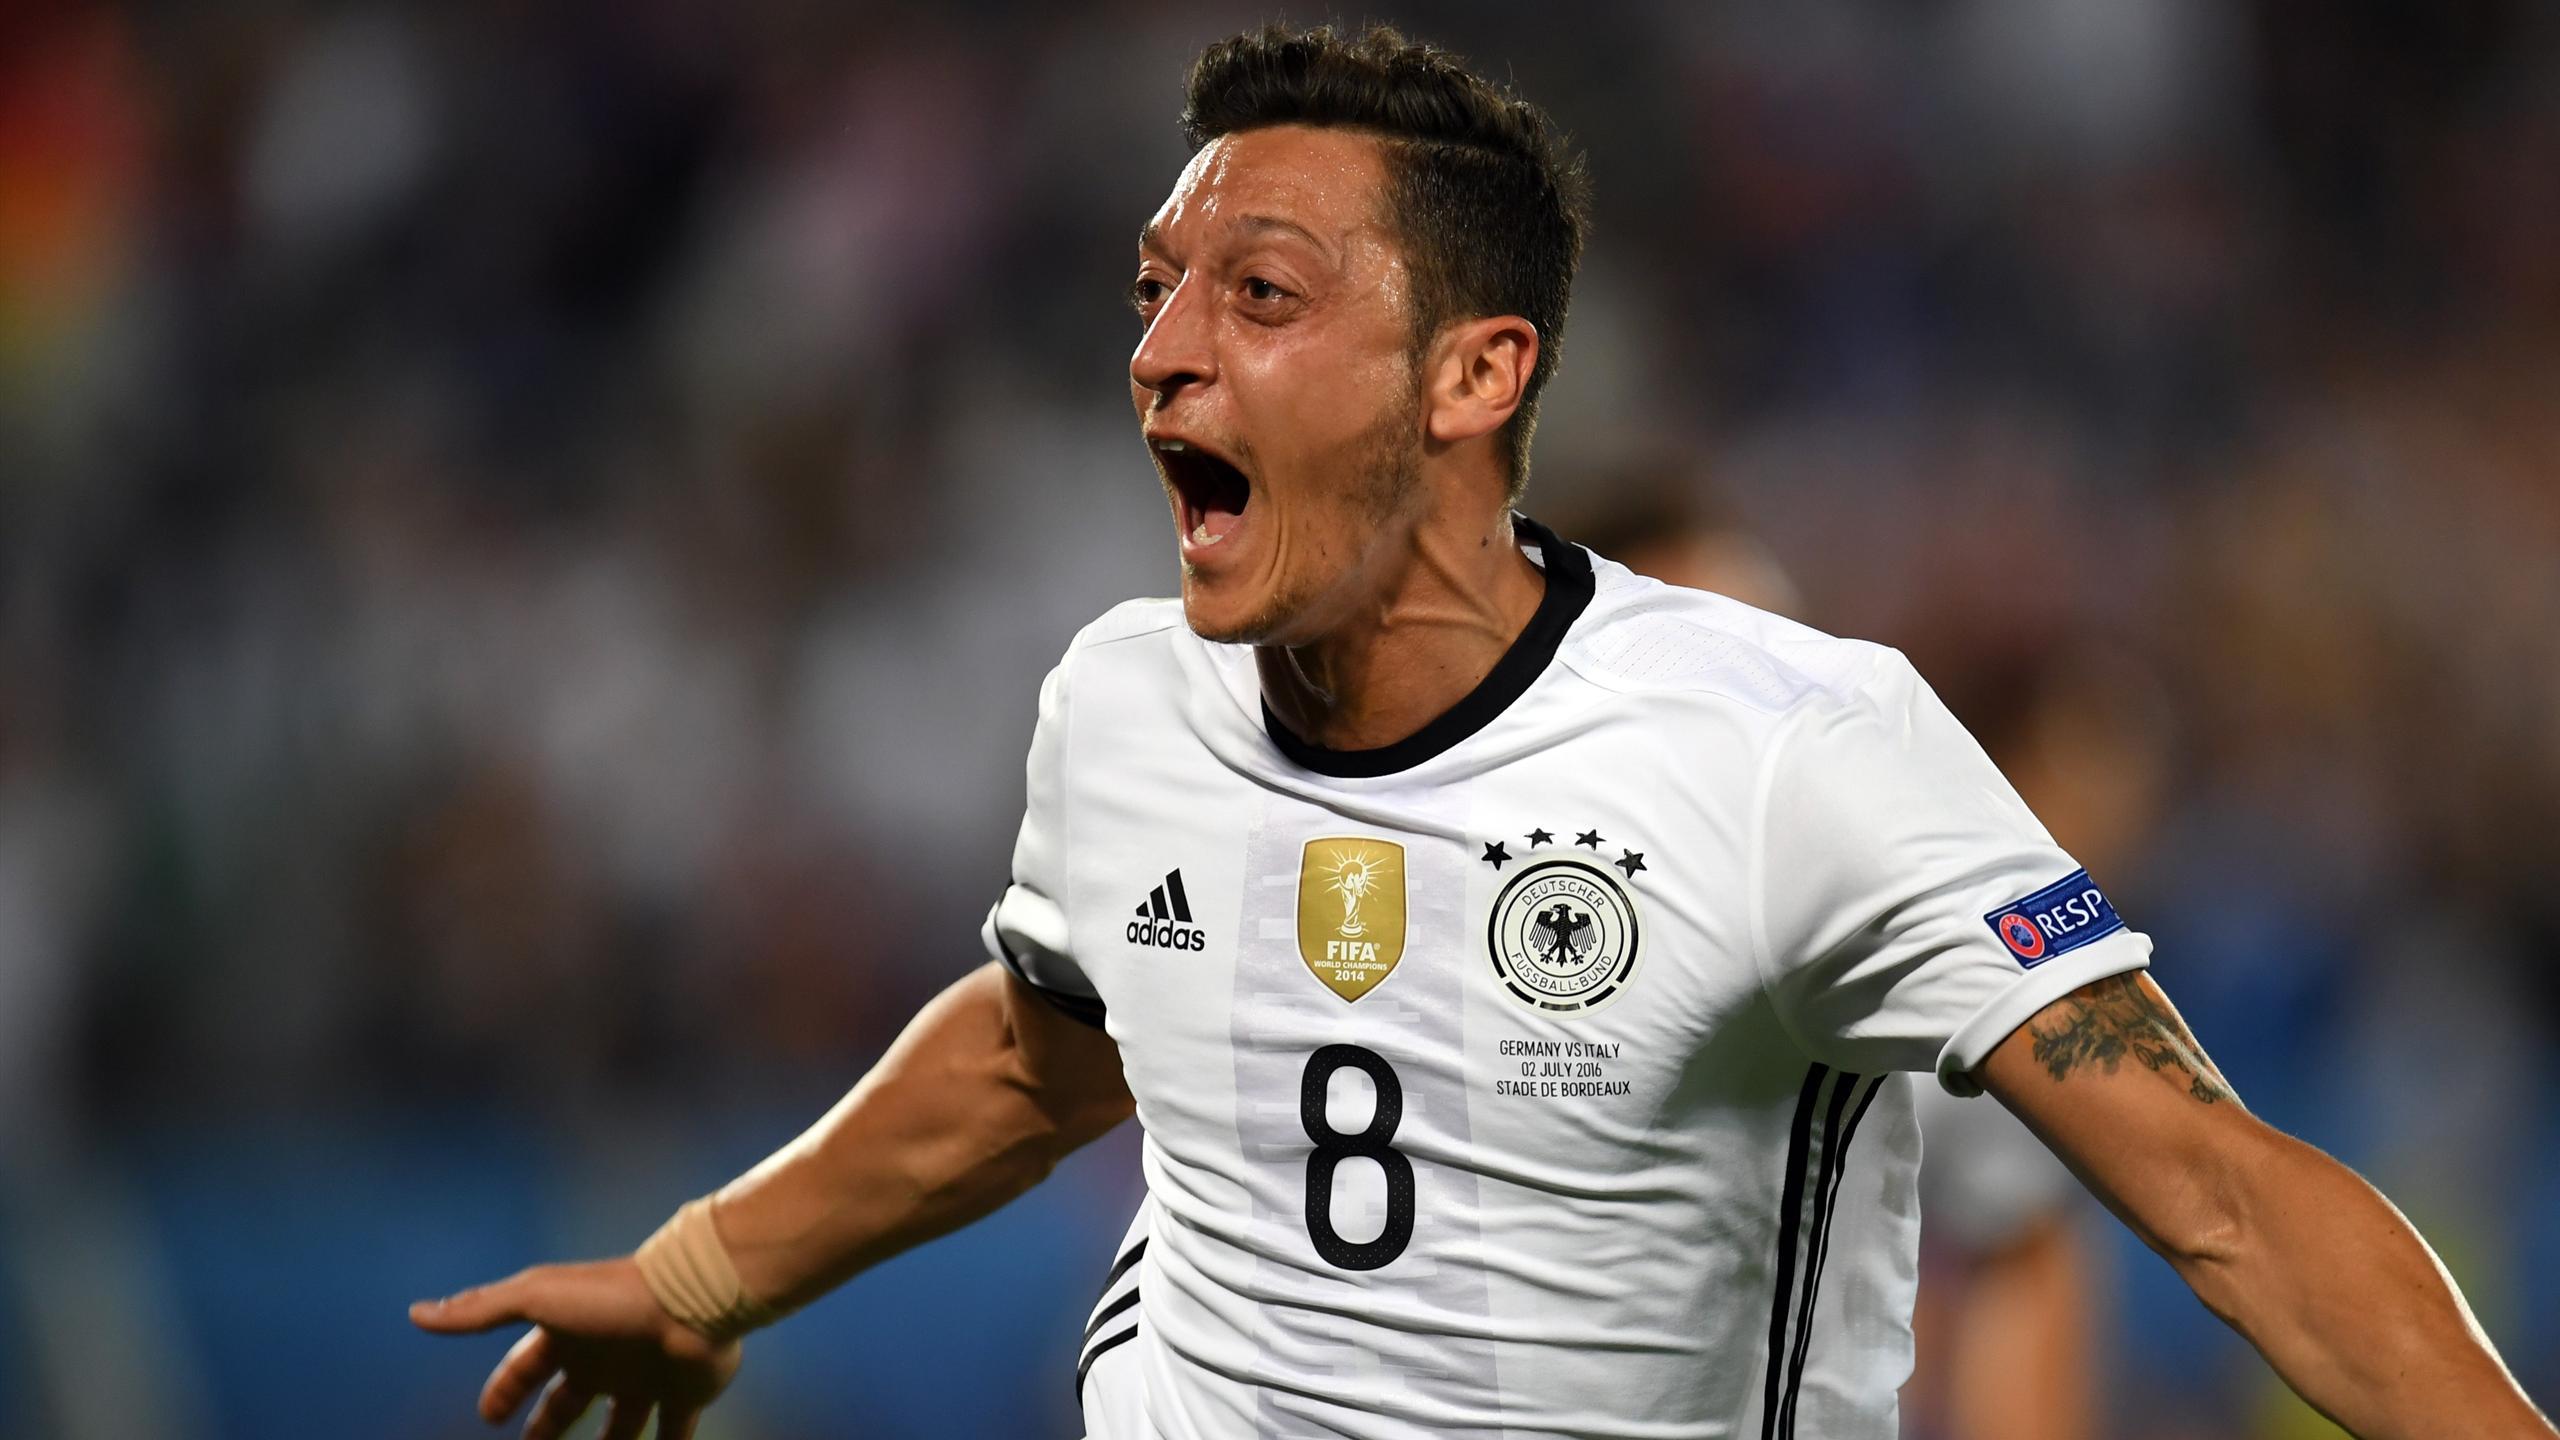 Mesut Özil - Germany v Italy - Euro 2016